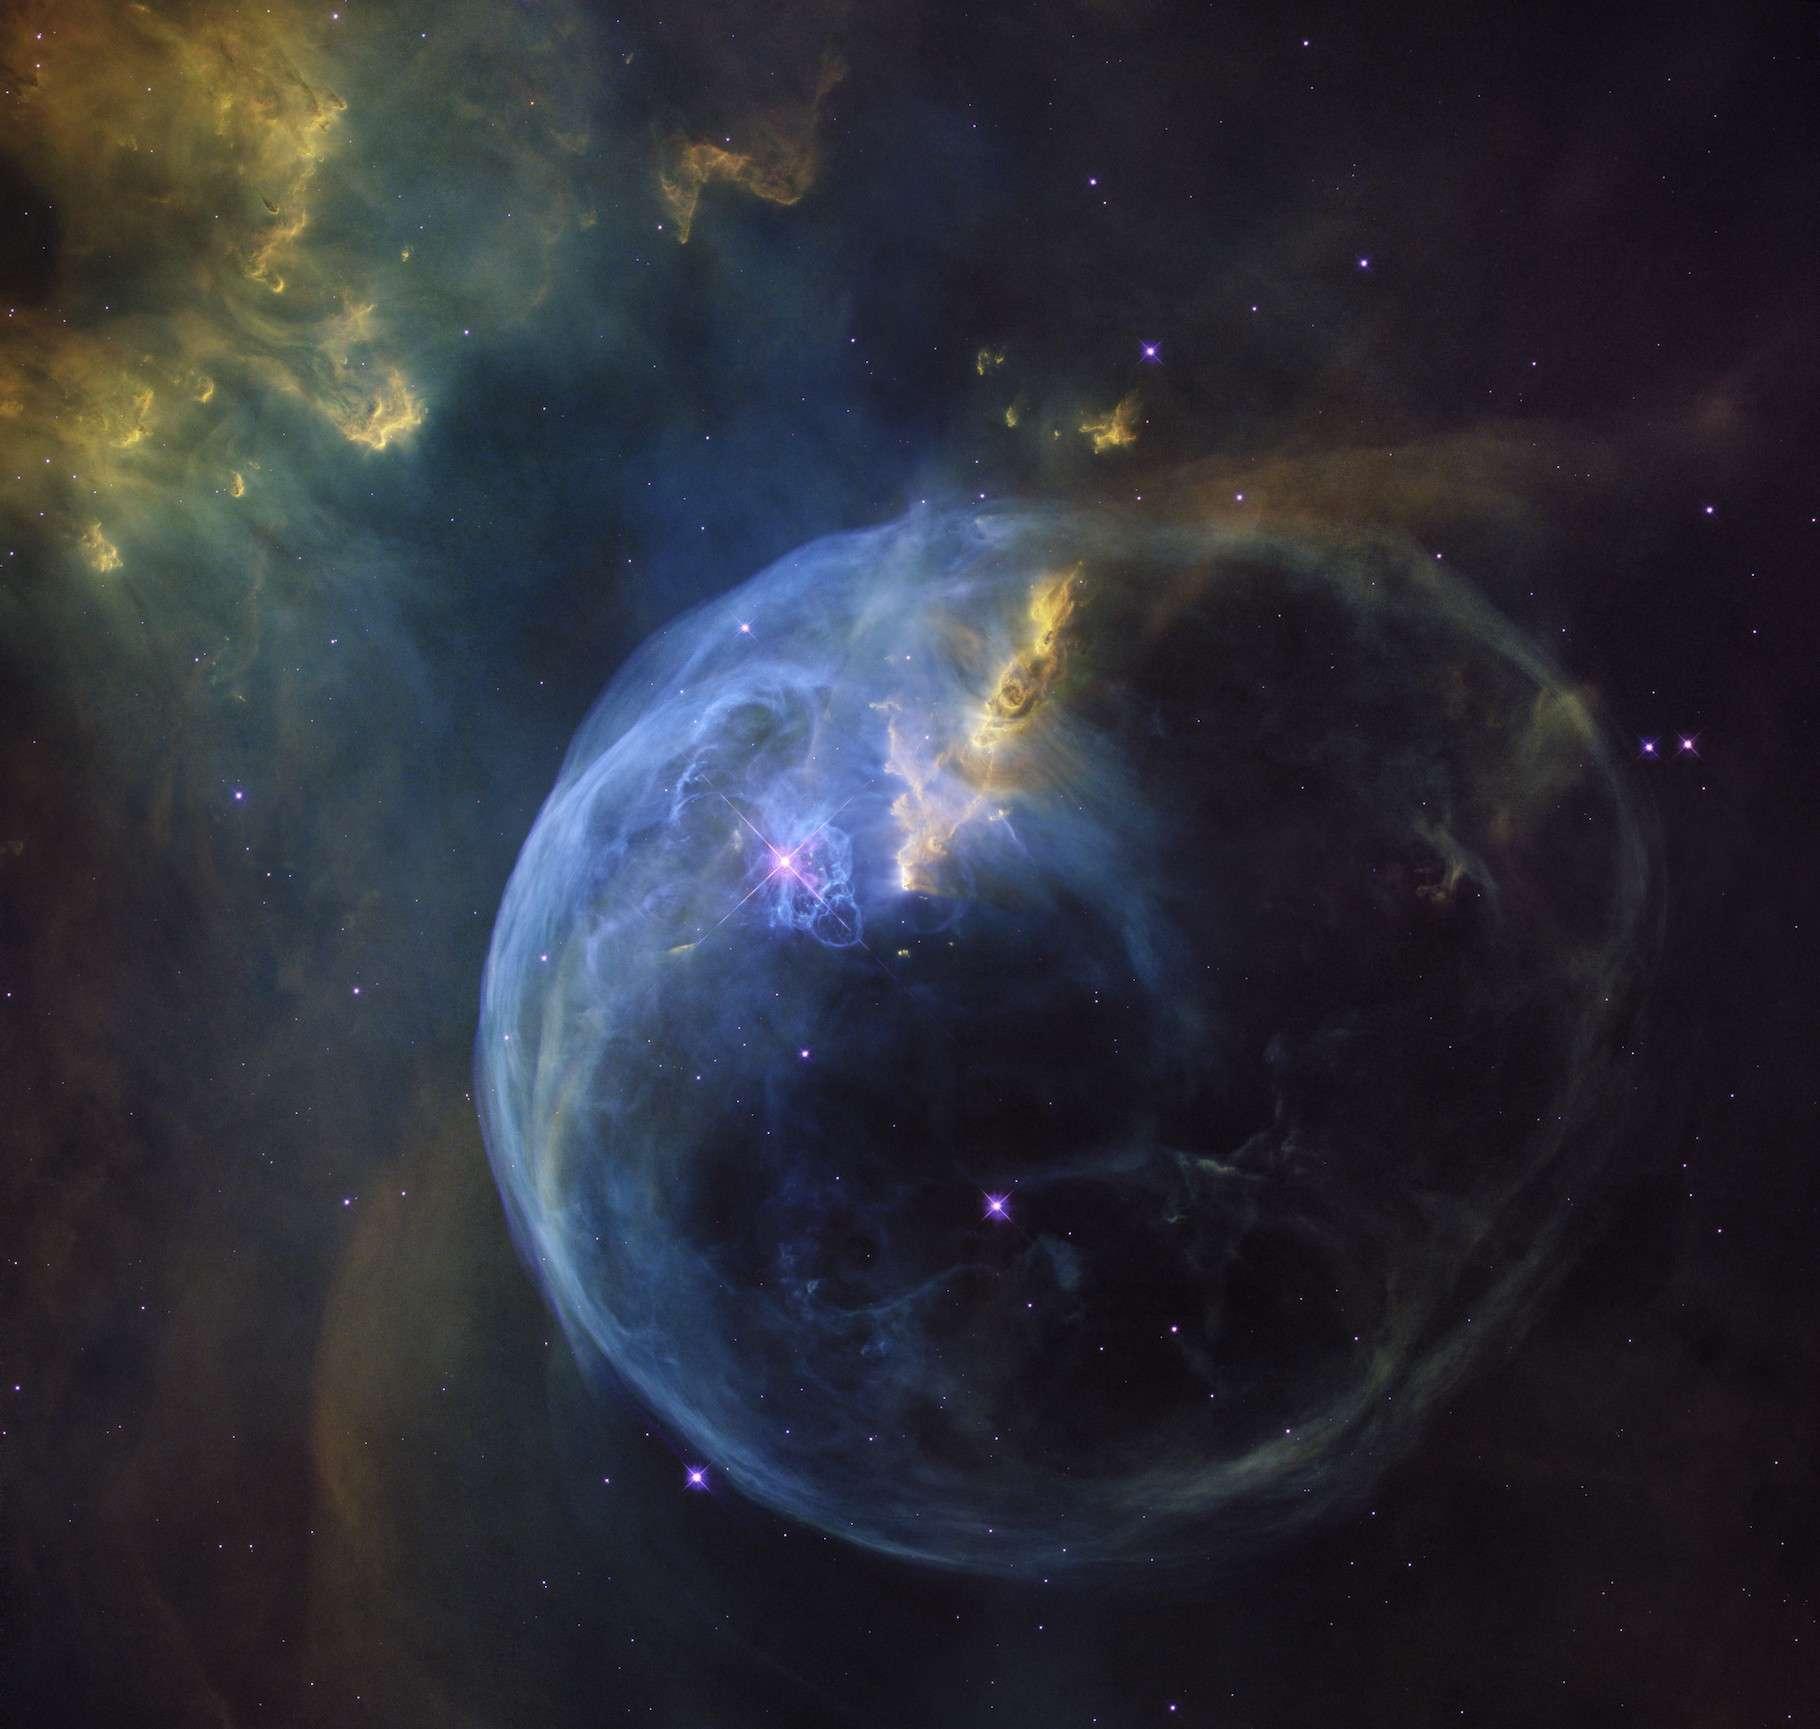 La nébuleuse de la Bulle se situe à quelque 8.000 années-lumière de notre Terre, dans la constellation de Cassiopée. © Nasa, ESA, Hubble Heritage Team